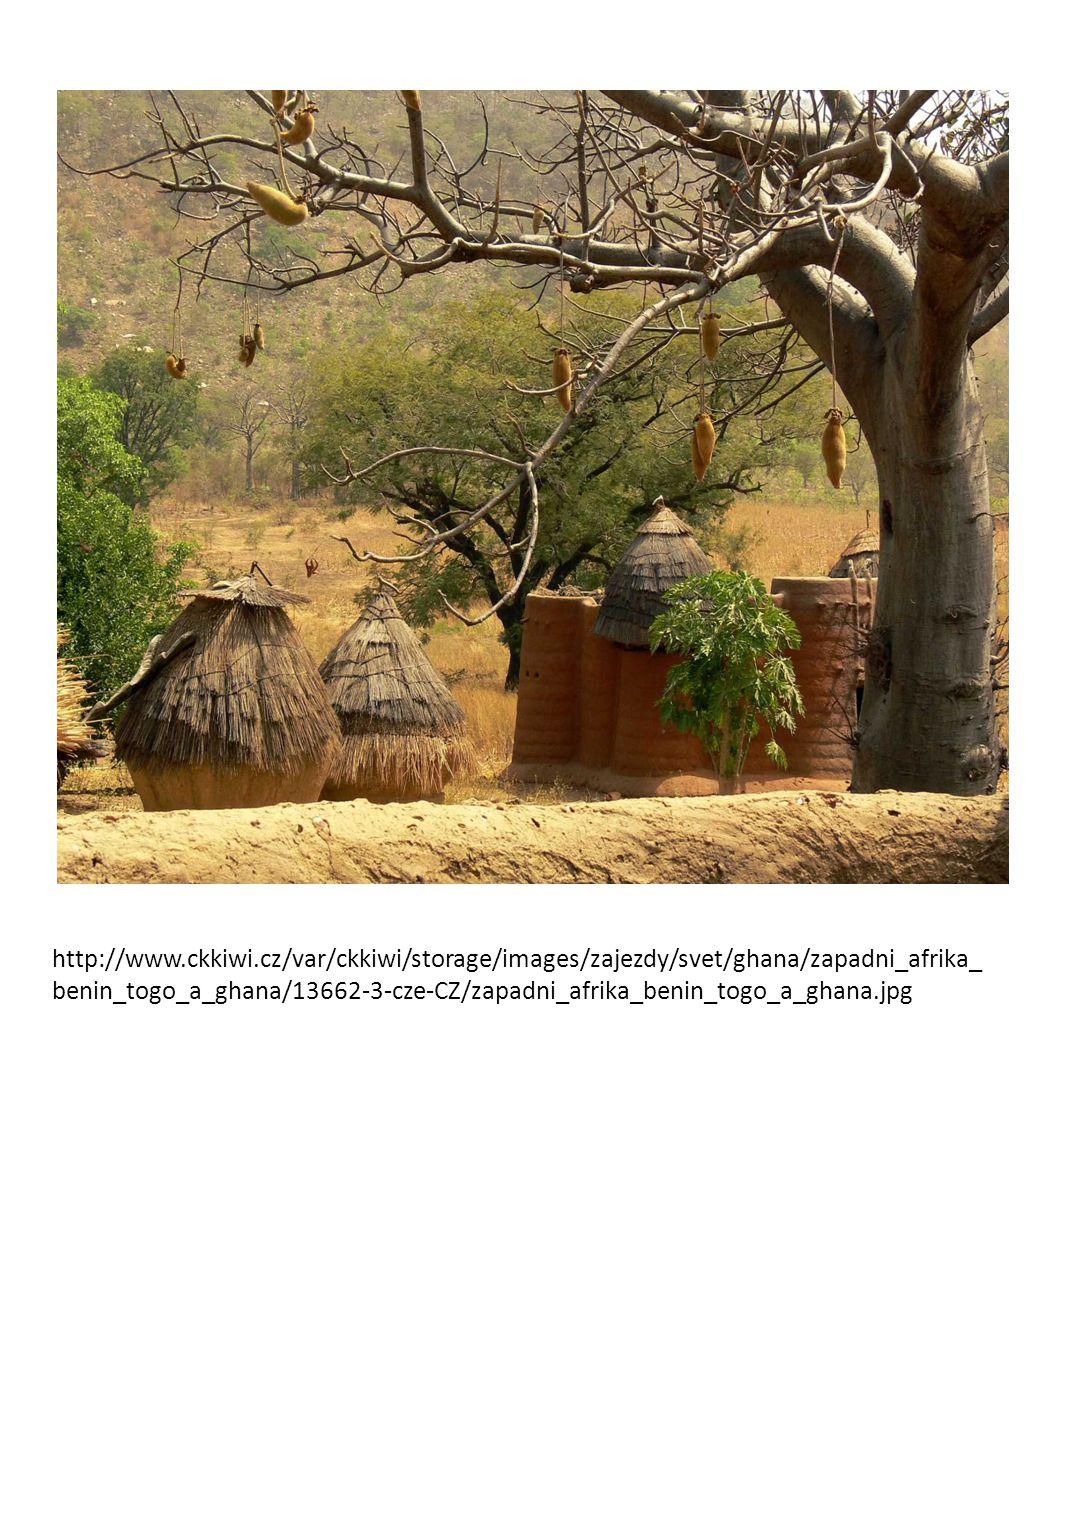 http://www.ckkiwi.cz/var/ckkiwi/storage/images/zajezdy/svet/ghana/zapadni_afrika_benin_togo_a_ghana/13662-3-cze-CZ/zapadni_afrika_benin_togo_a_ghana.jpg